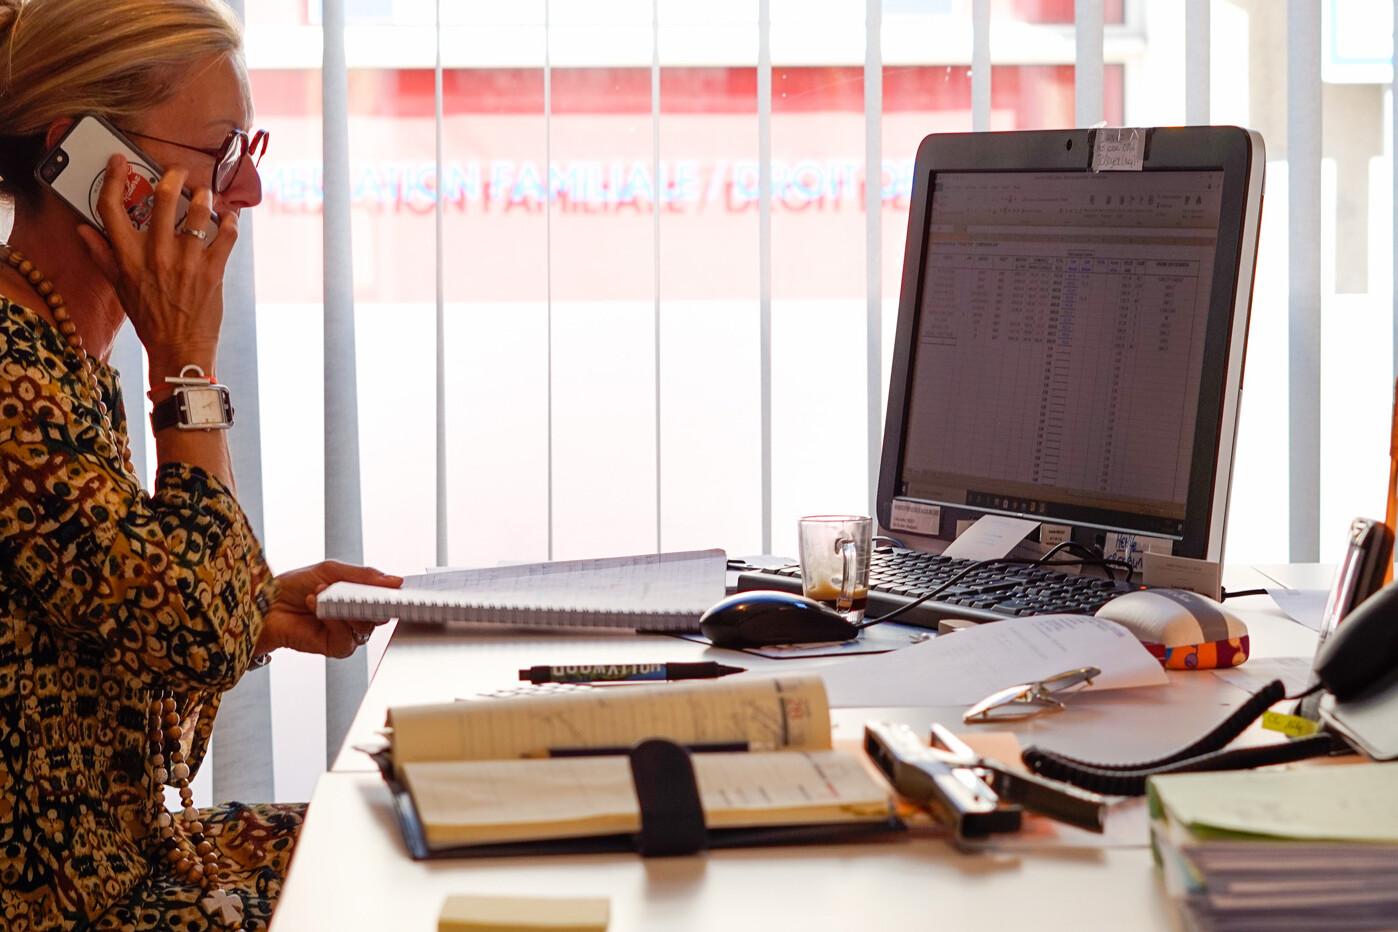 Corinne en action au bureau, Cabinet-Boyer services financiers Royan